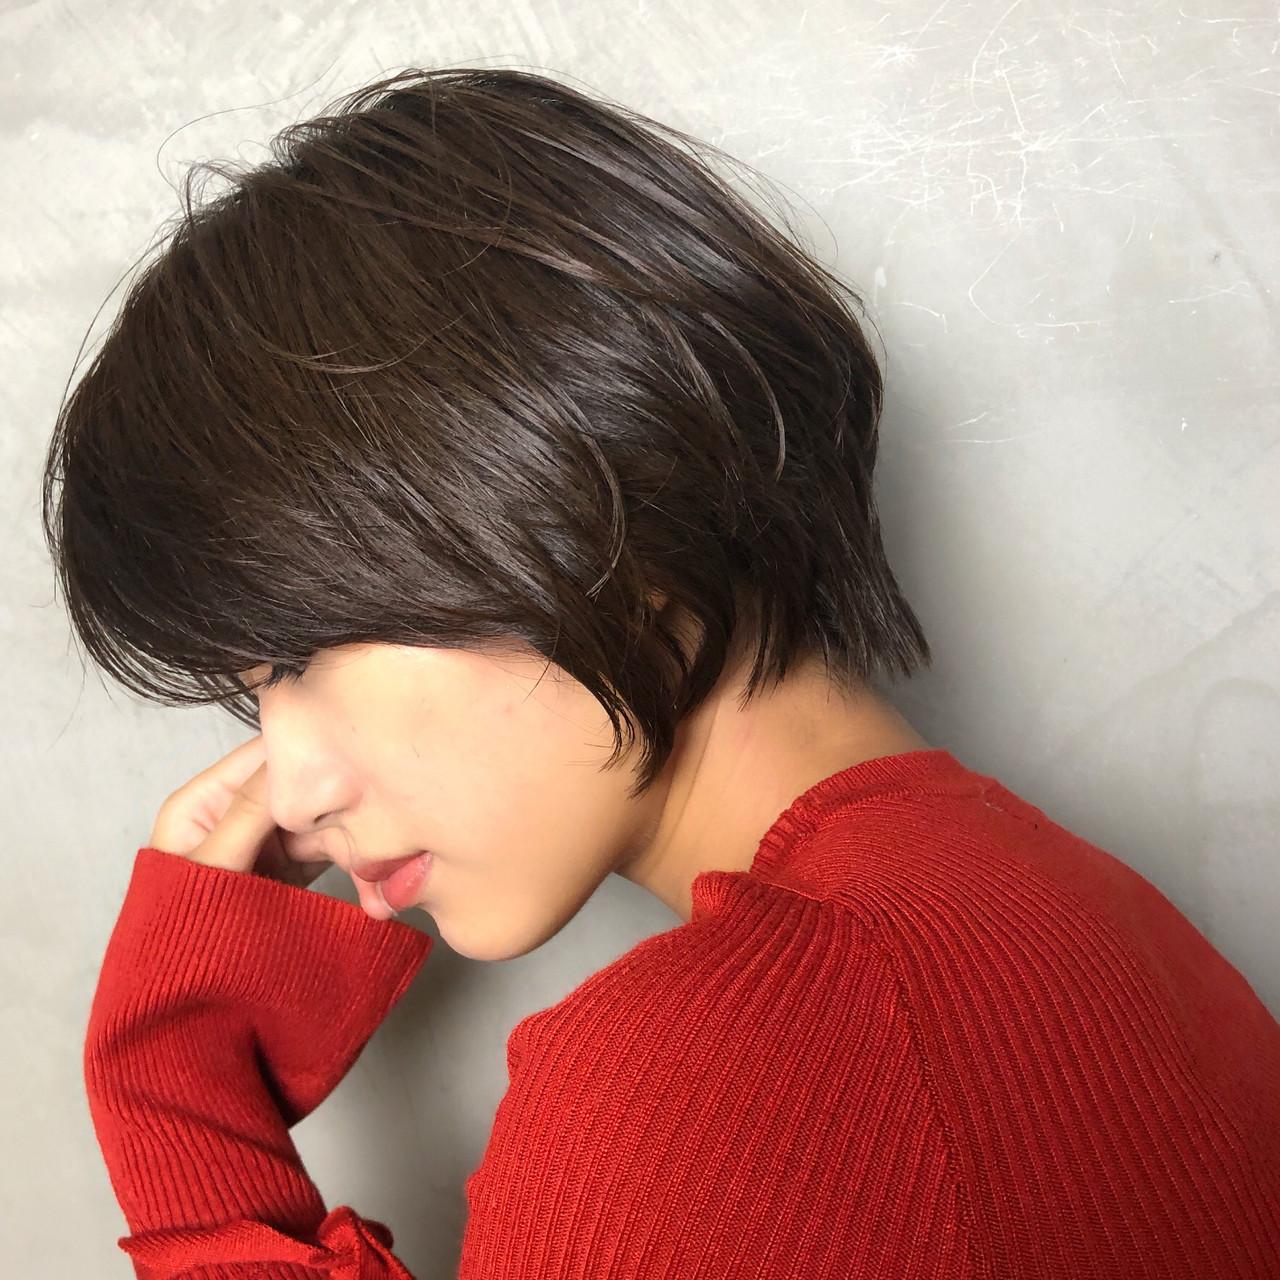 前髪ありならシンプルで十分な可愛さ Ninomiya Takashi